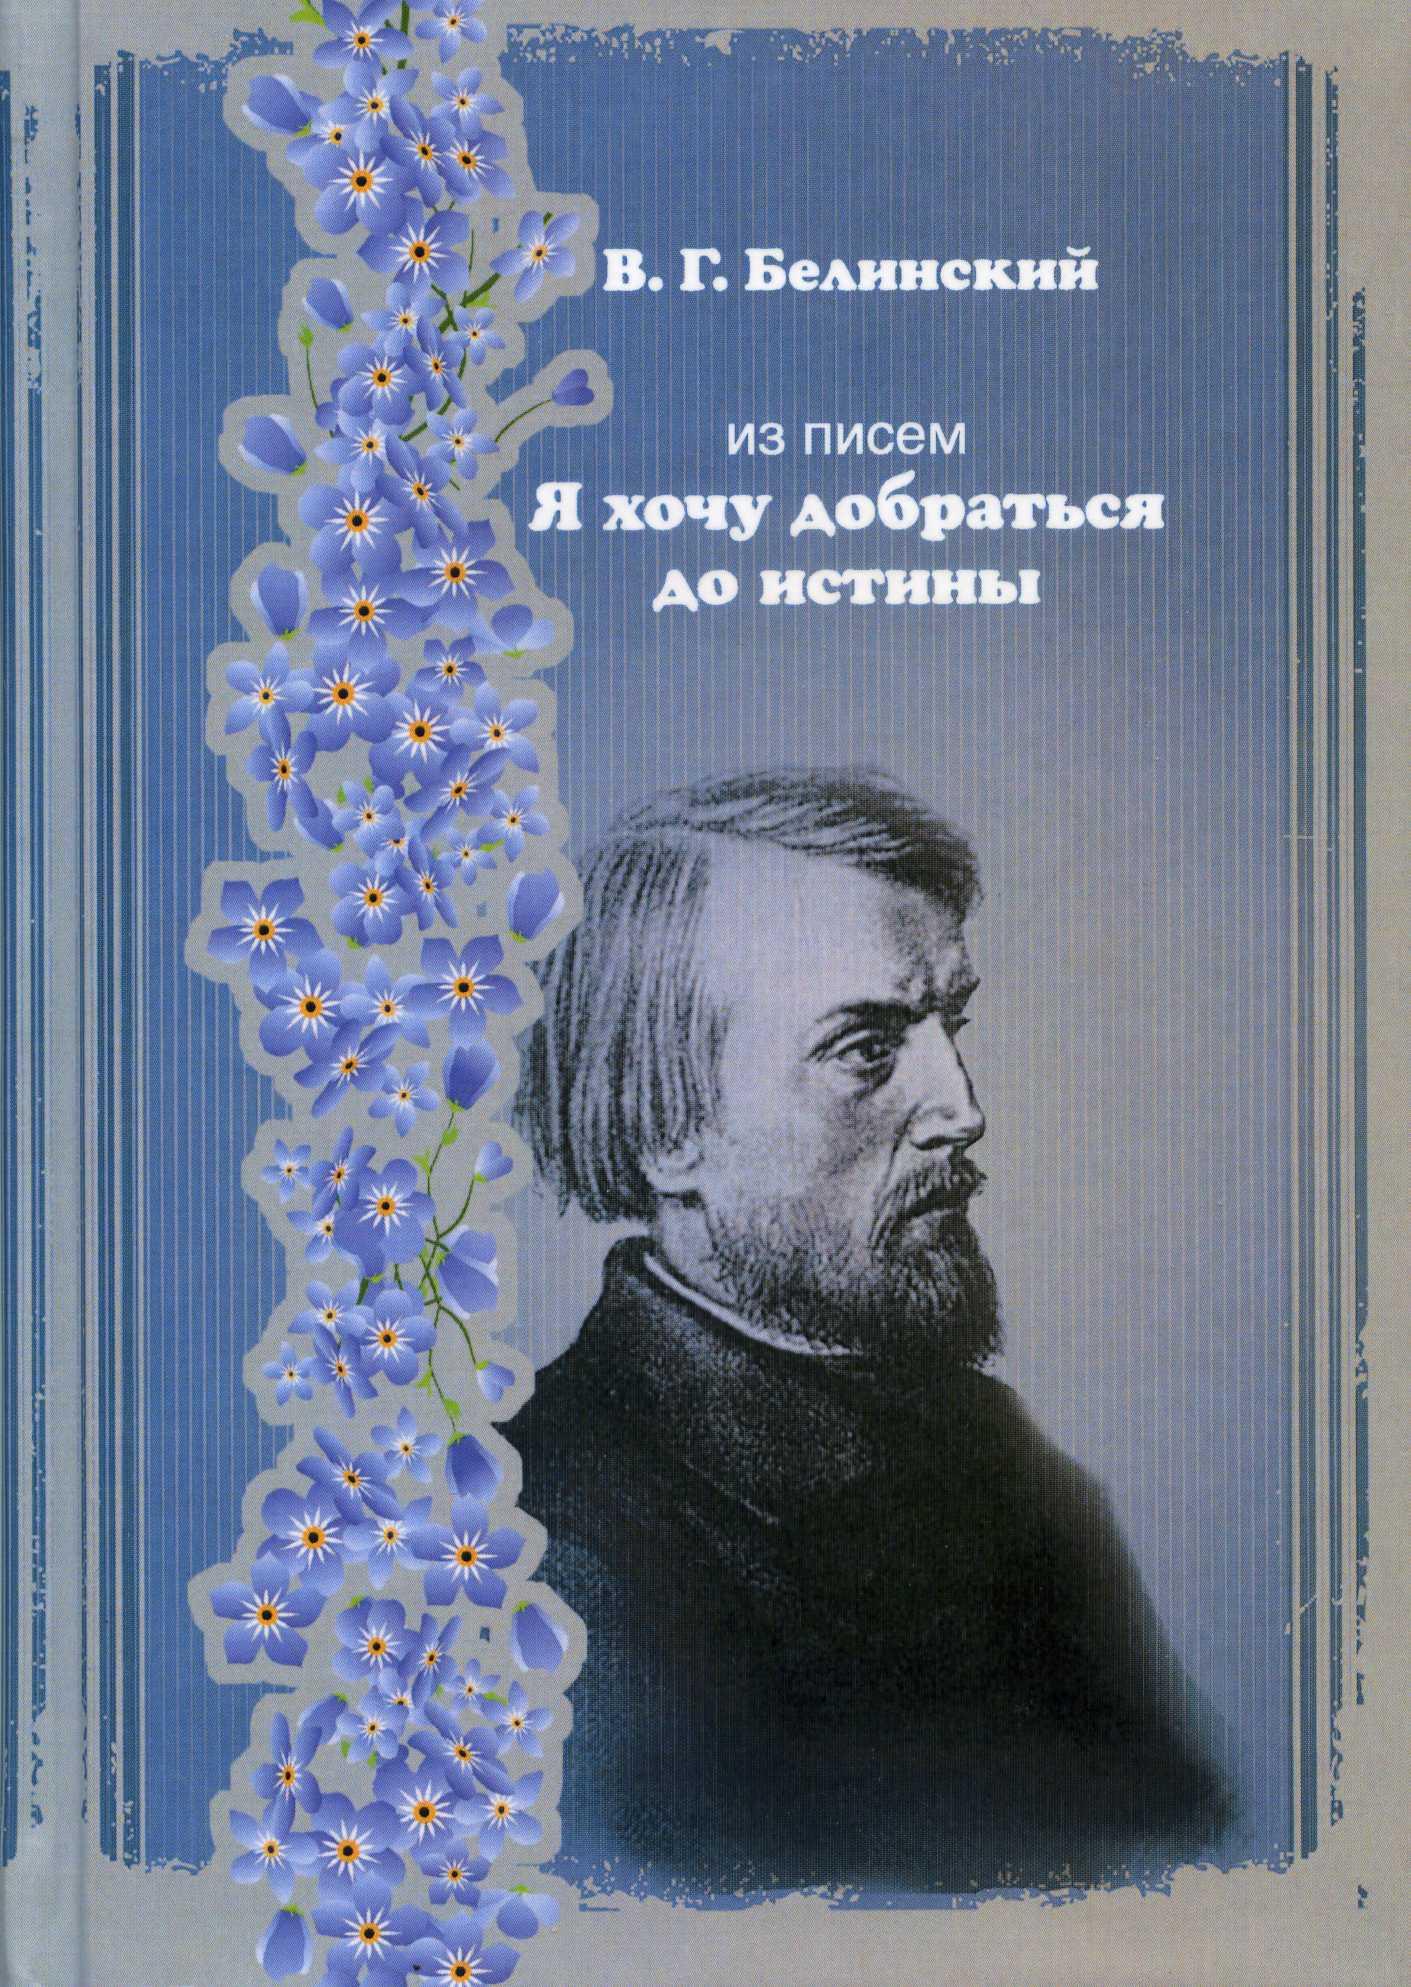 oblozhka_belinskiy.jpg